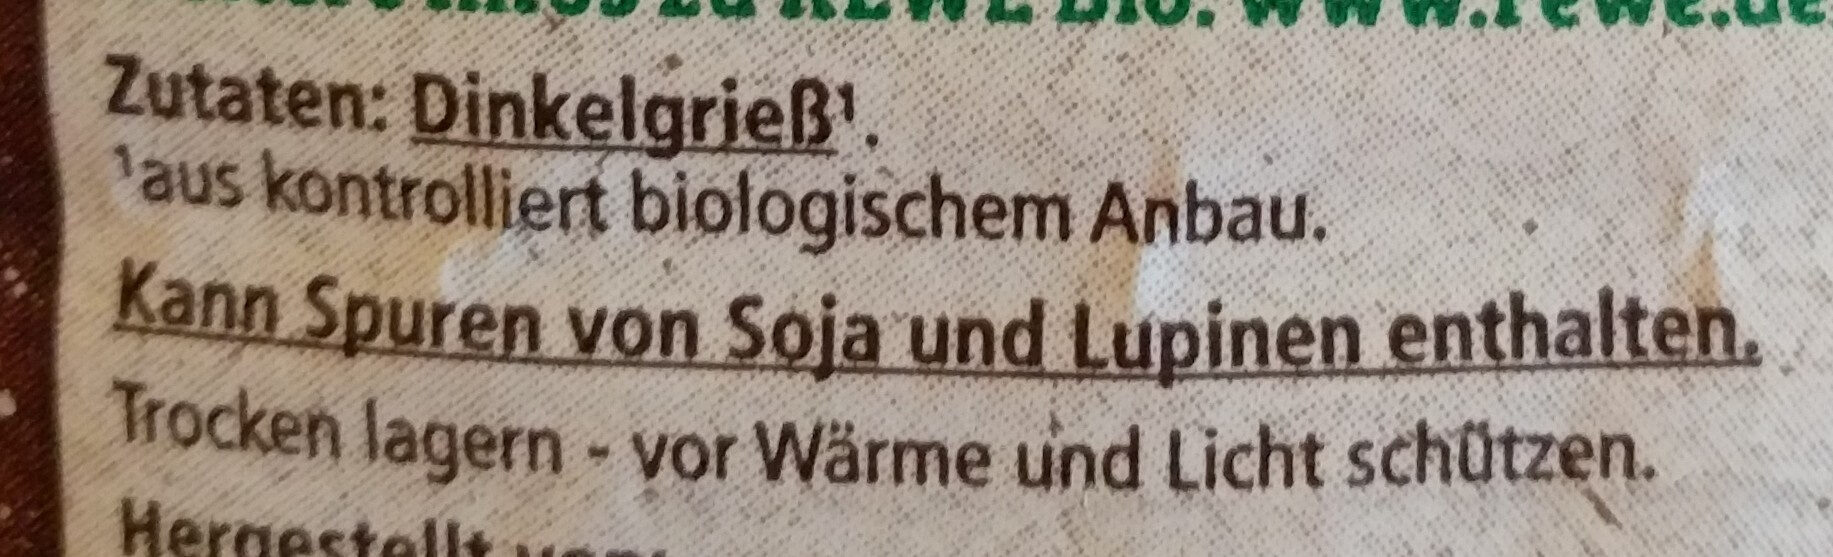 Bio-Dinkelgrieß - Ingredients